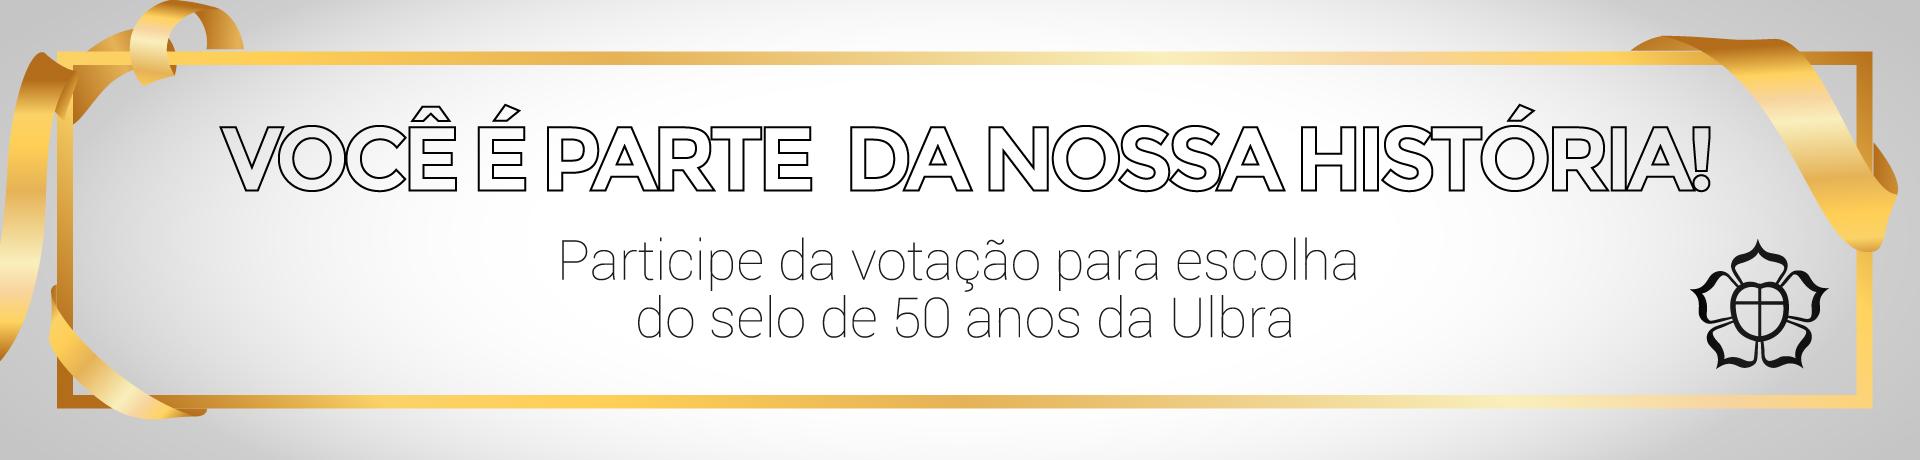 Você é parte da nossa história!   Participe da votação para escolha do selo de 50 anos da Ulbra.